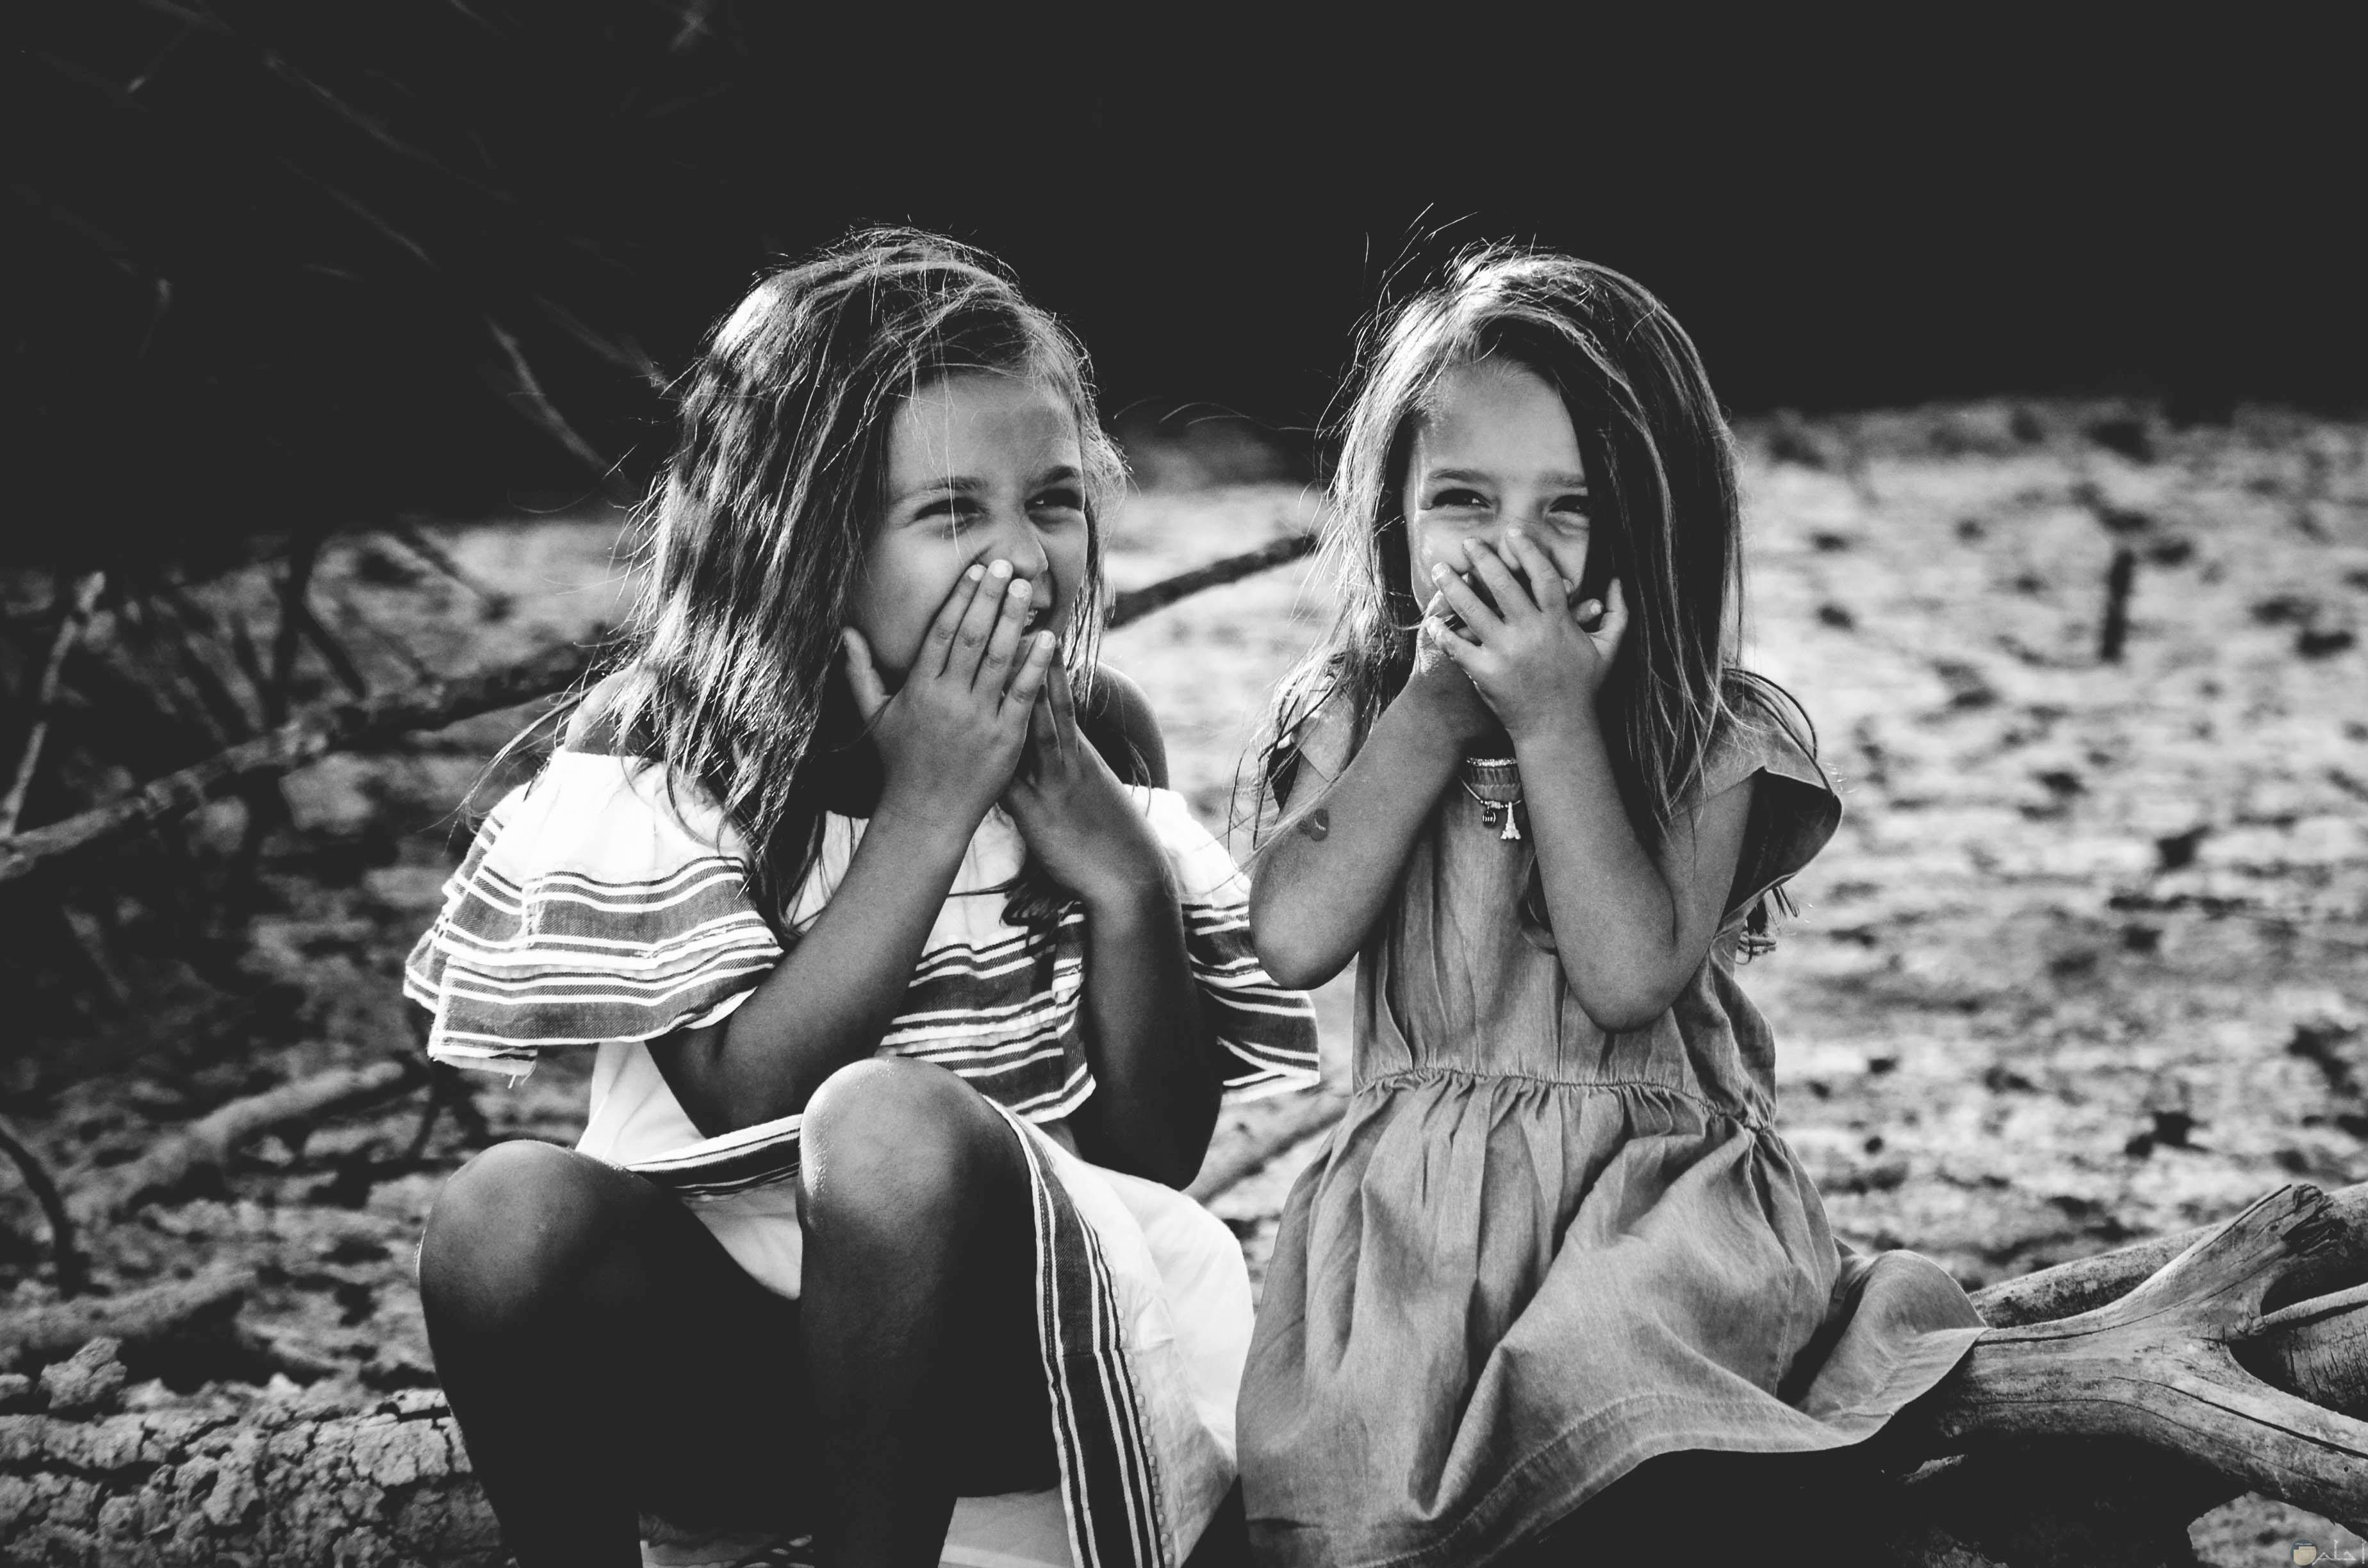 بنتين يتحدثون ويضحكون